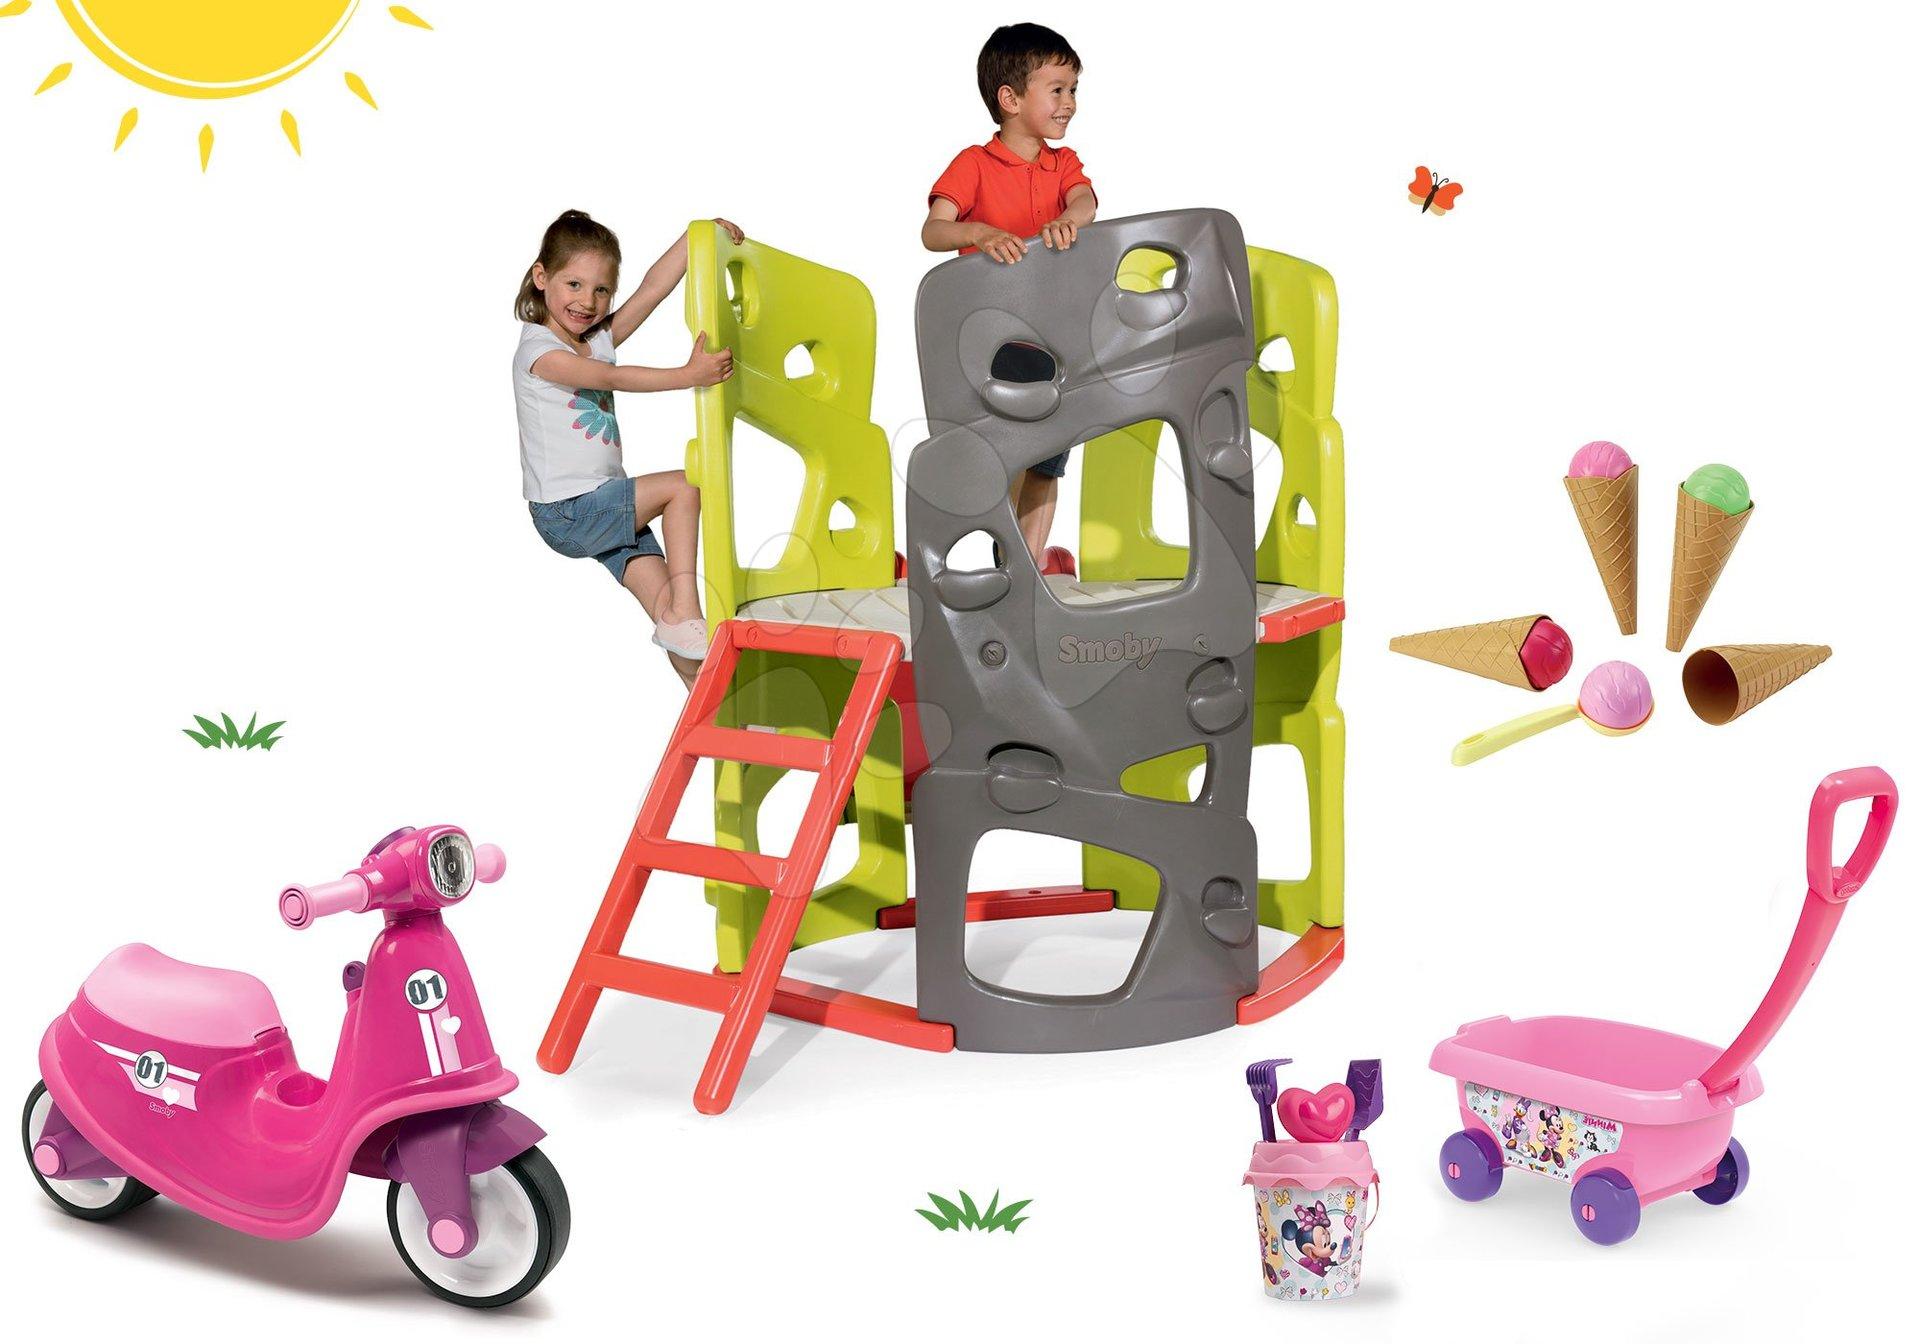 Set centru de căţărat Multiactivity Climbing Tower Smoby cu 3 pereți de căţărat, tobogan babytaxiu cu roţi din cauciuc şi cărucior cu îngheţată de la 24 luni